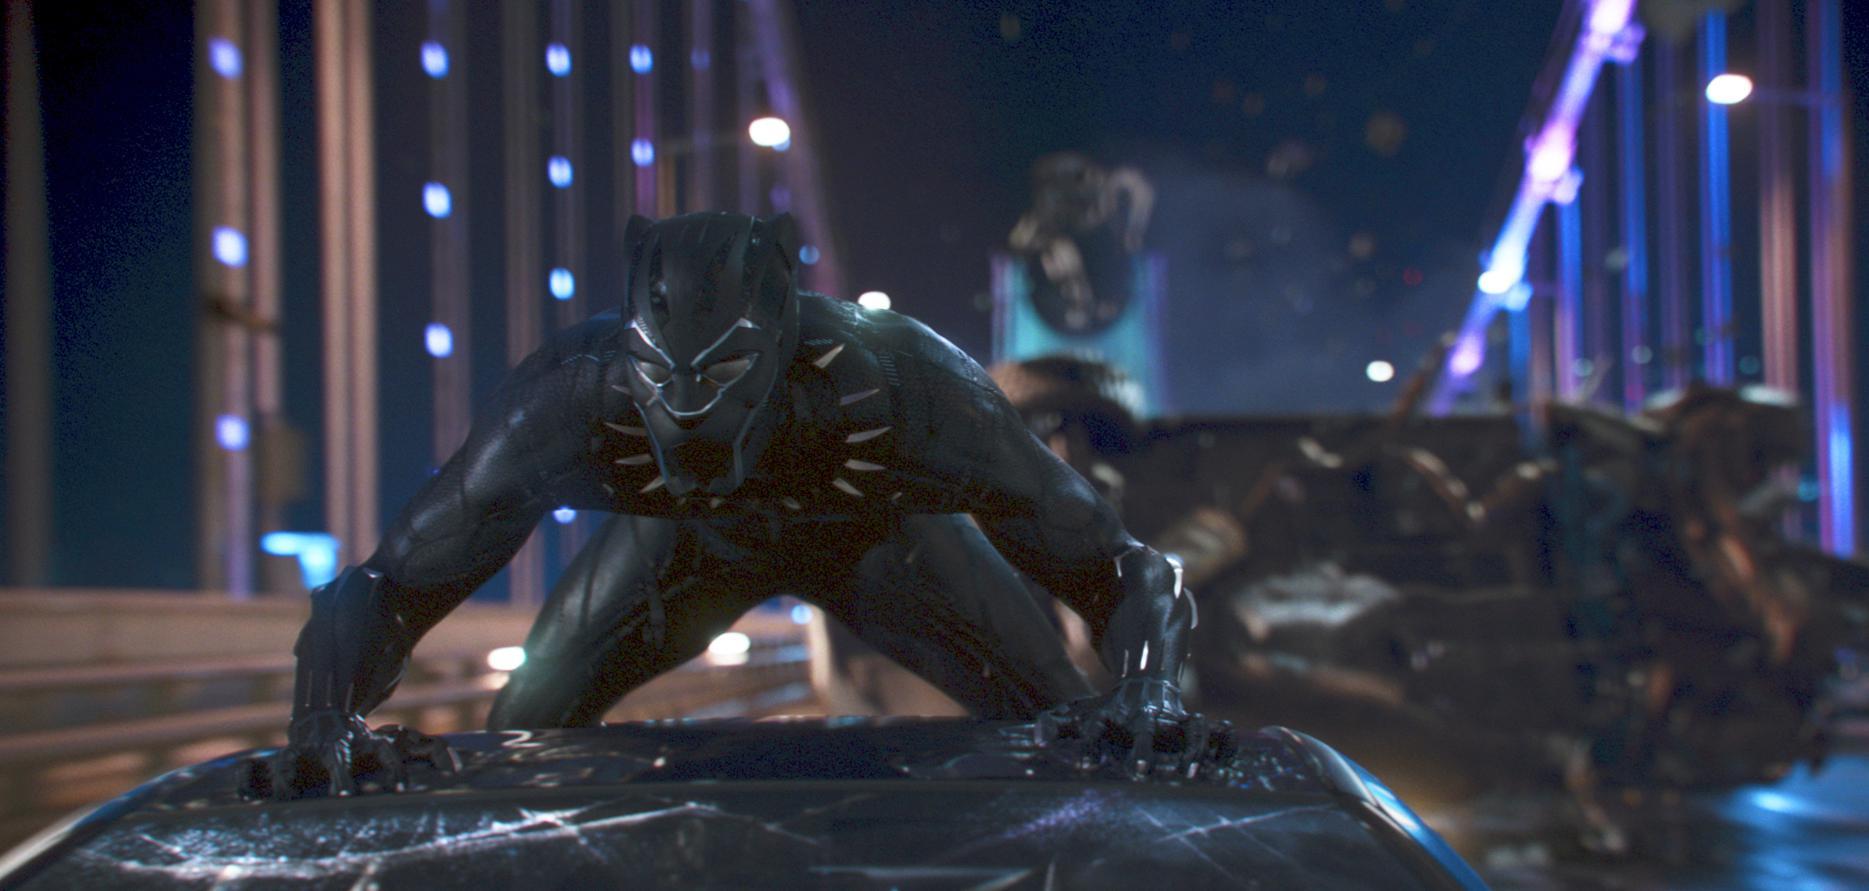 black-panther2-001.jpg